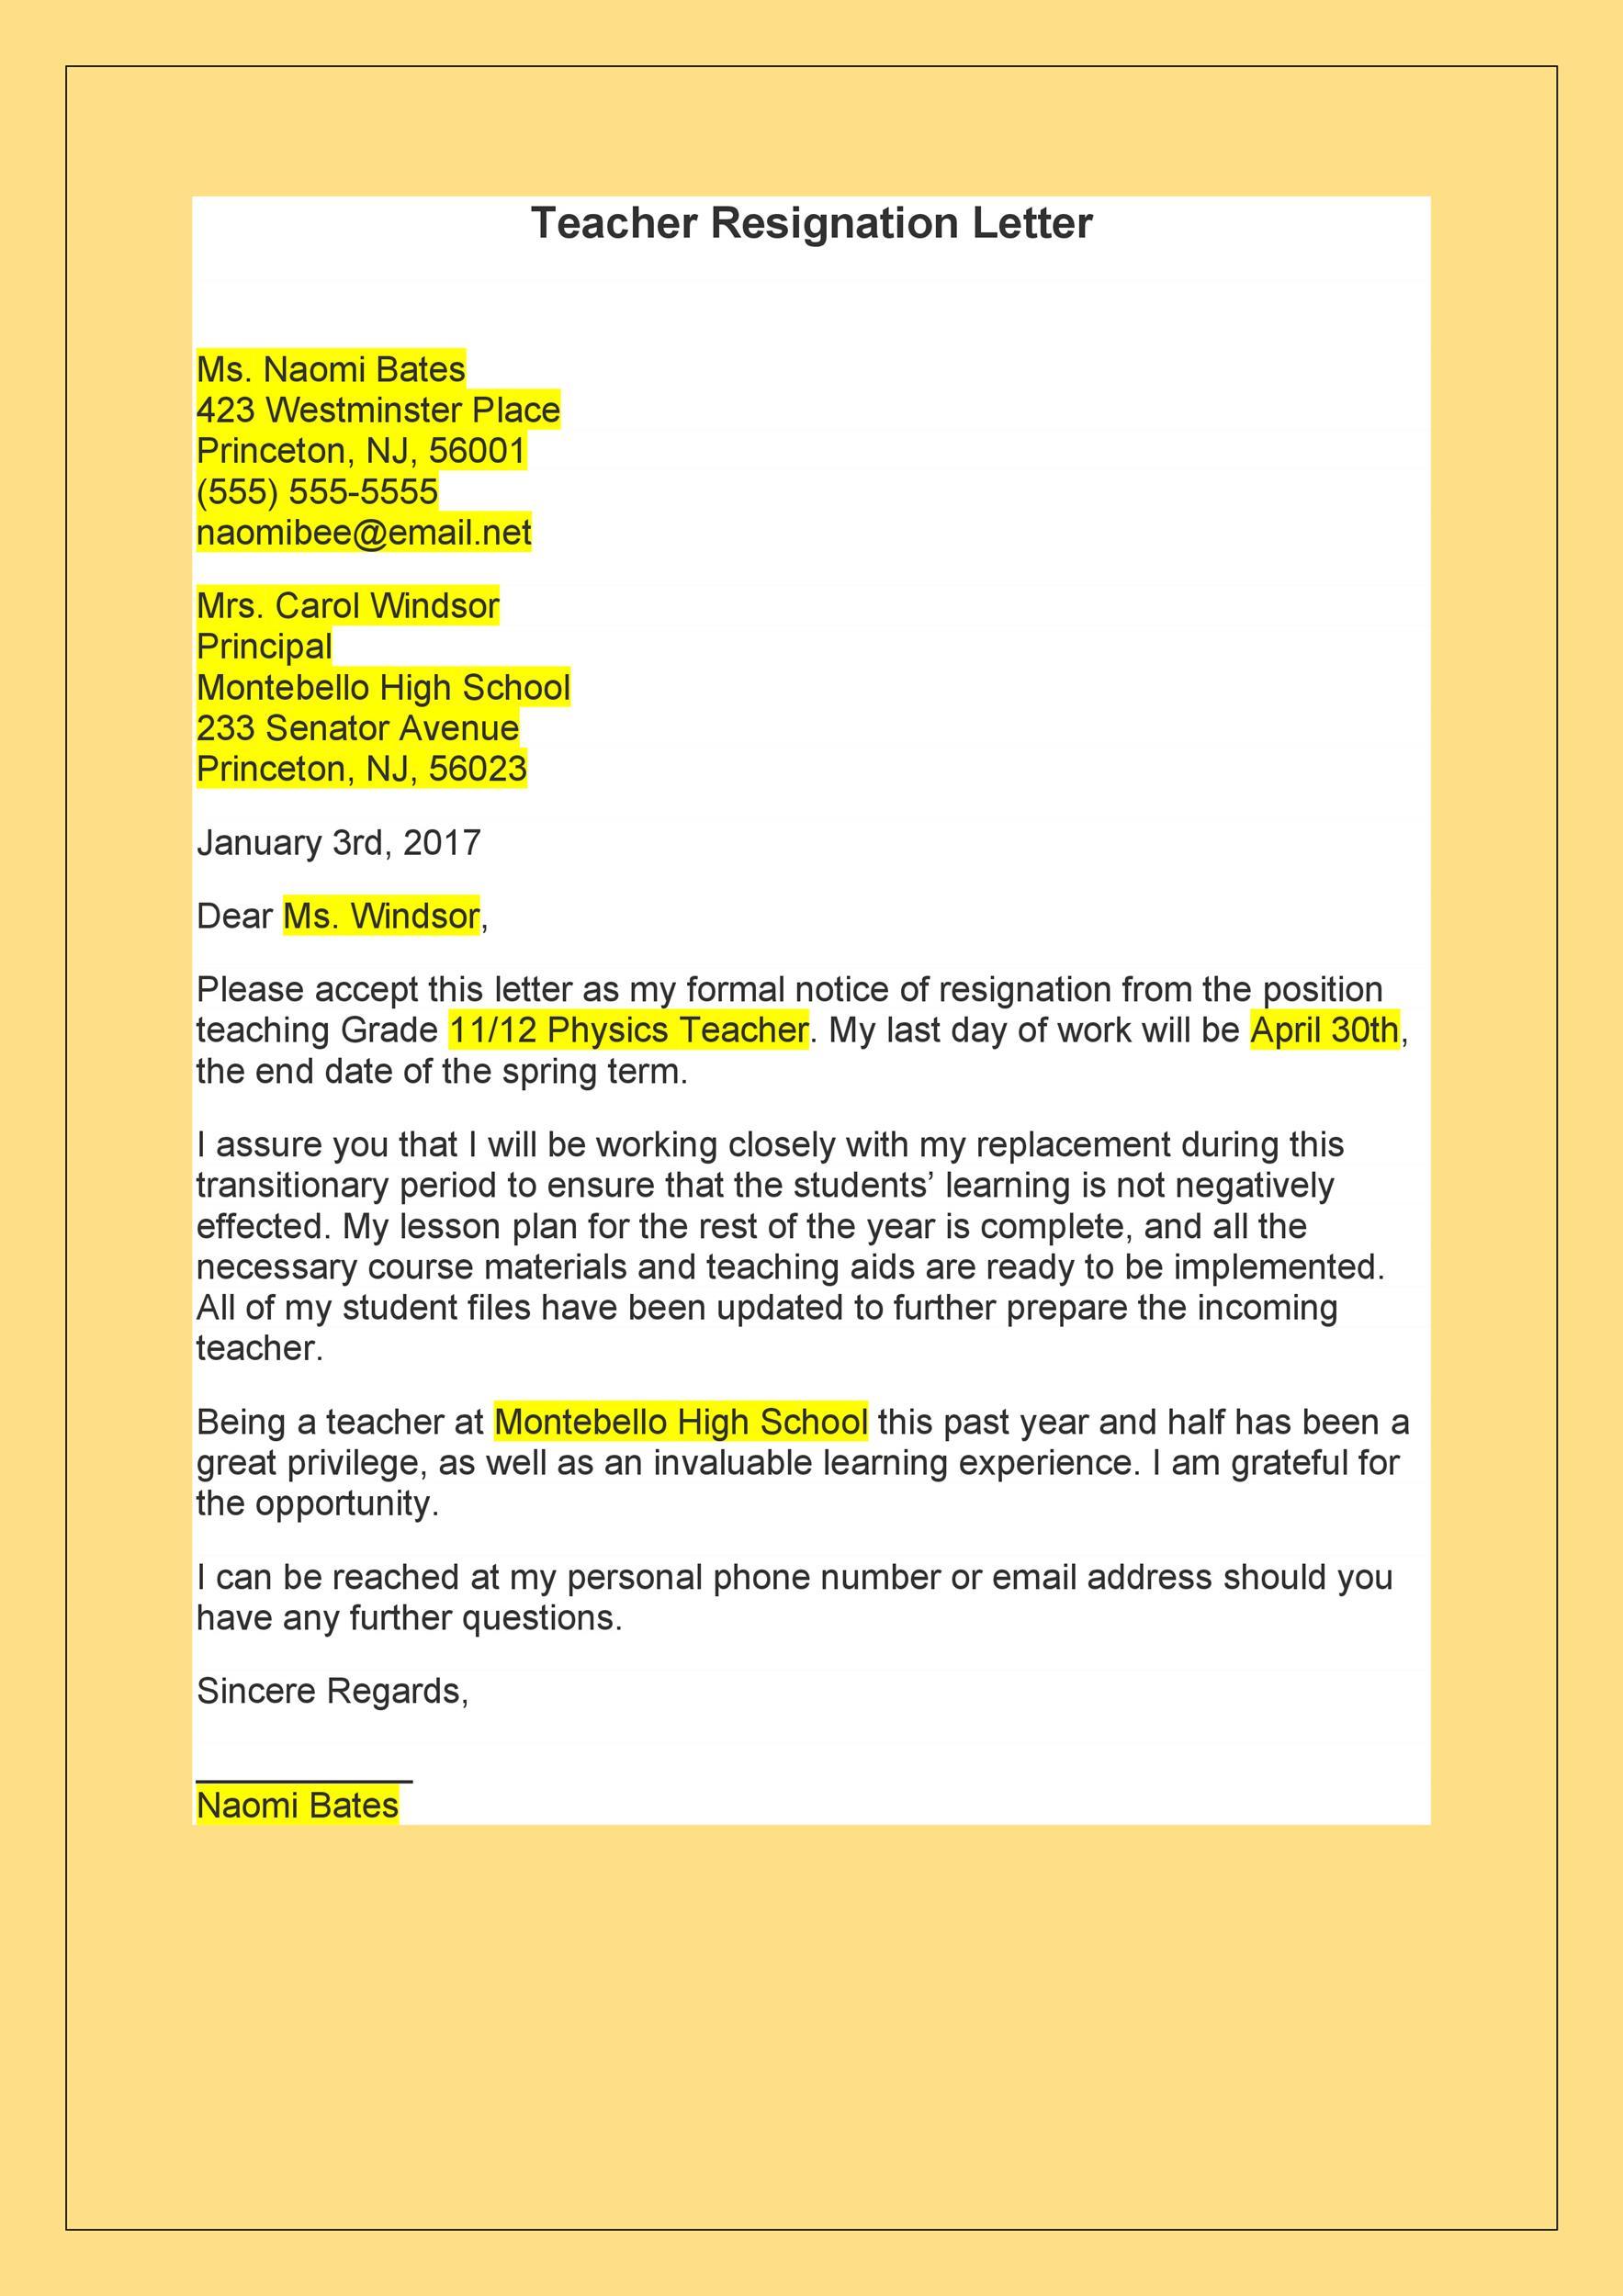 Free teacher resignation letter 02